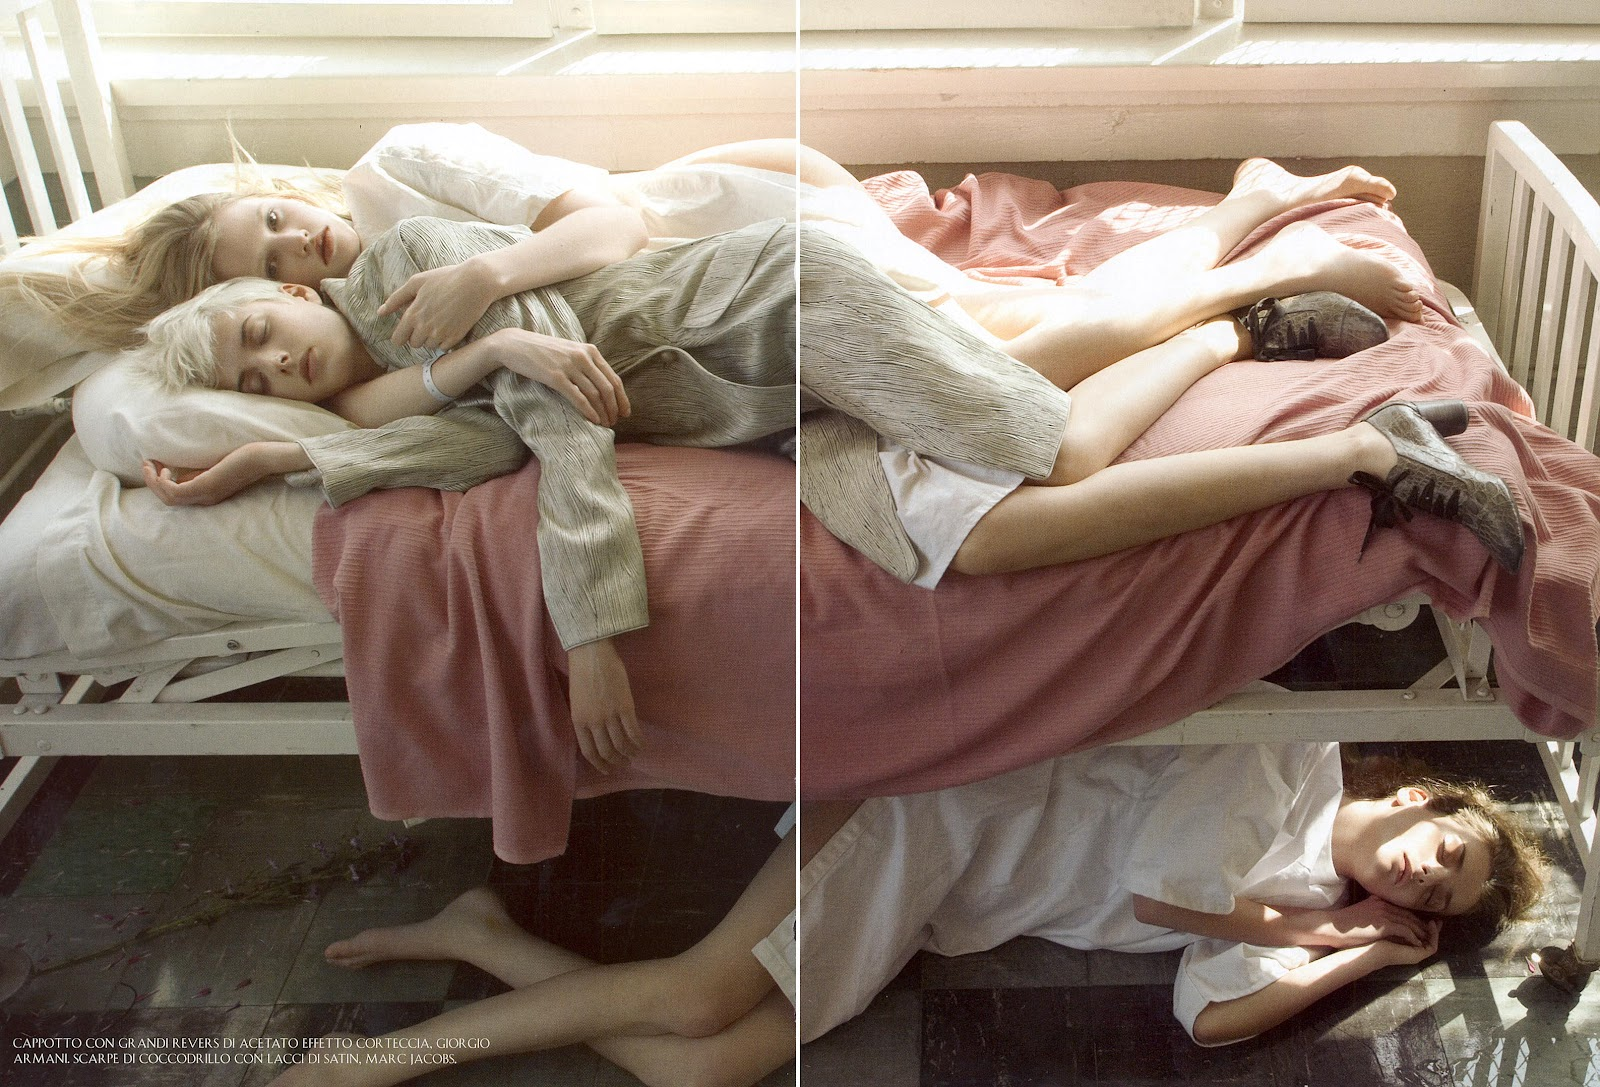 Рассказы секс в психиатрической больнице 20 фотография